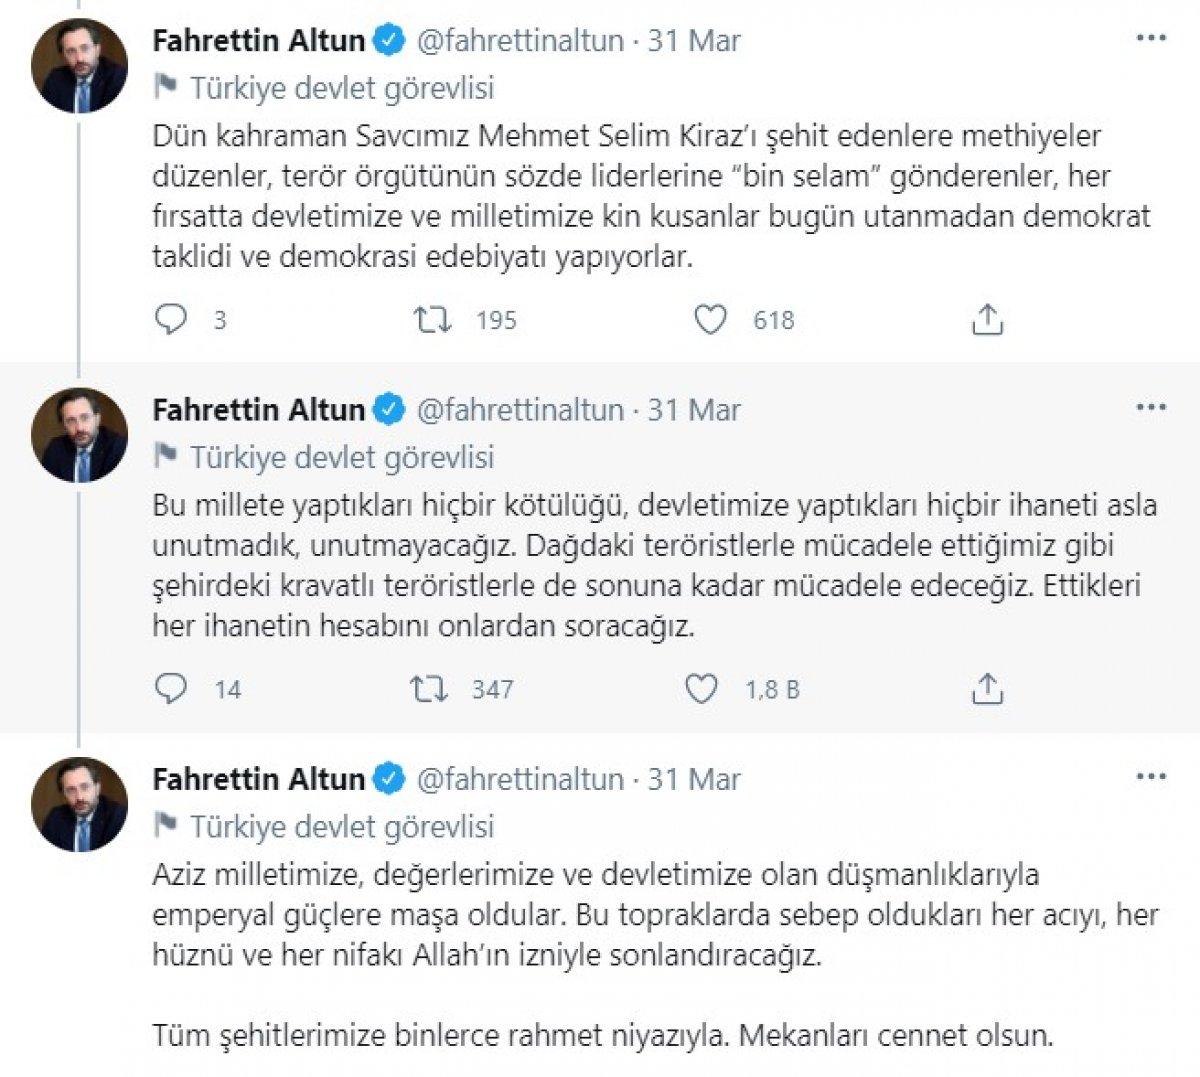 Ahmet Şık, Fahrettin Altun'un paylaşımdan şikayetçi oldu #3